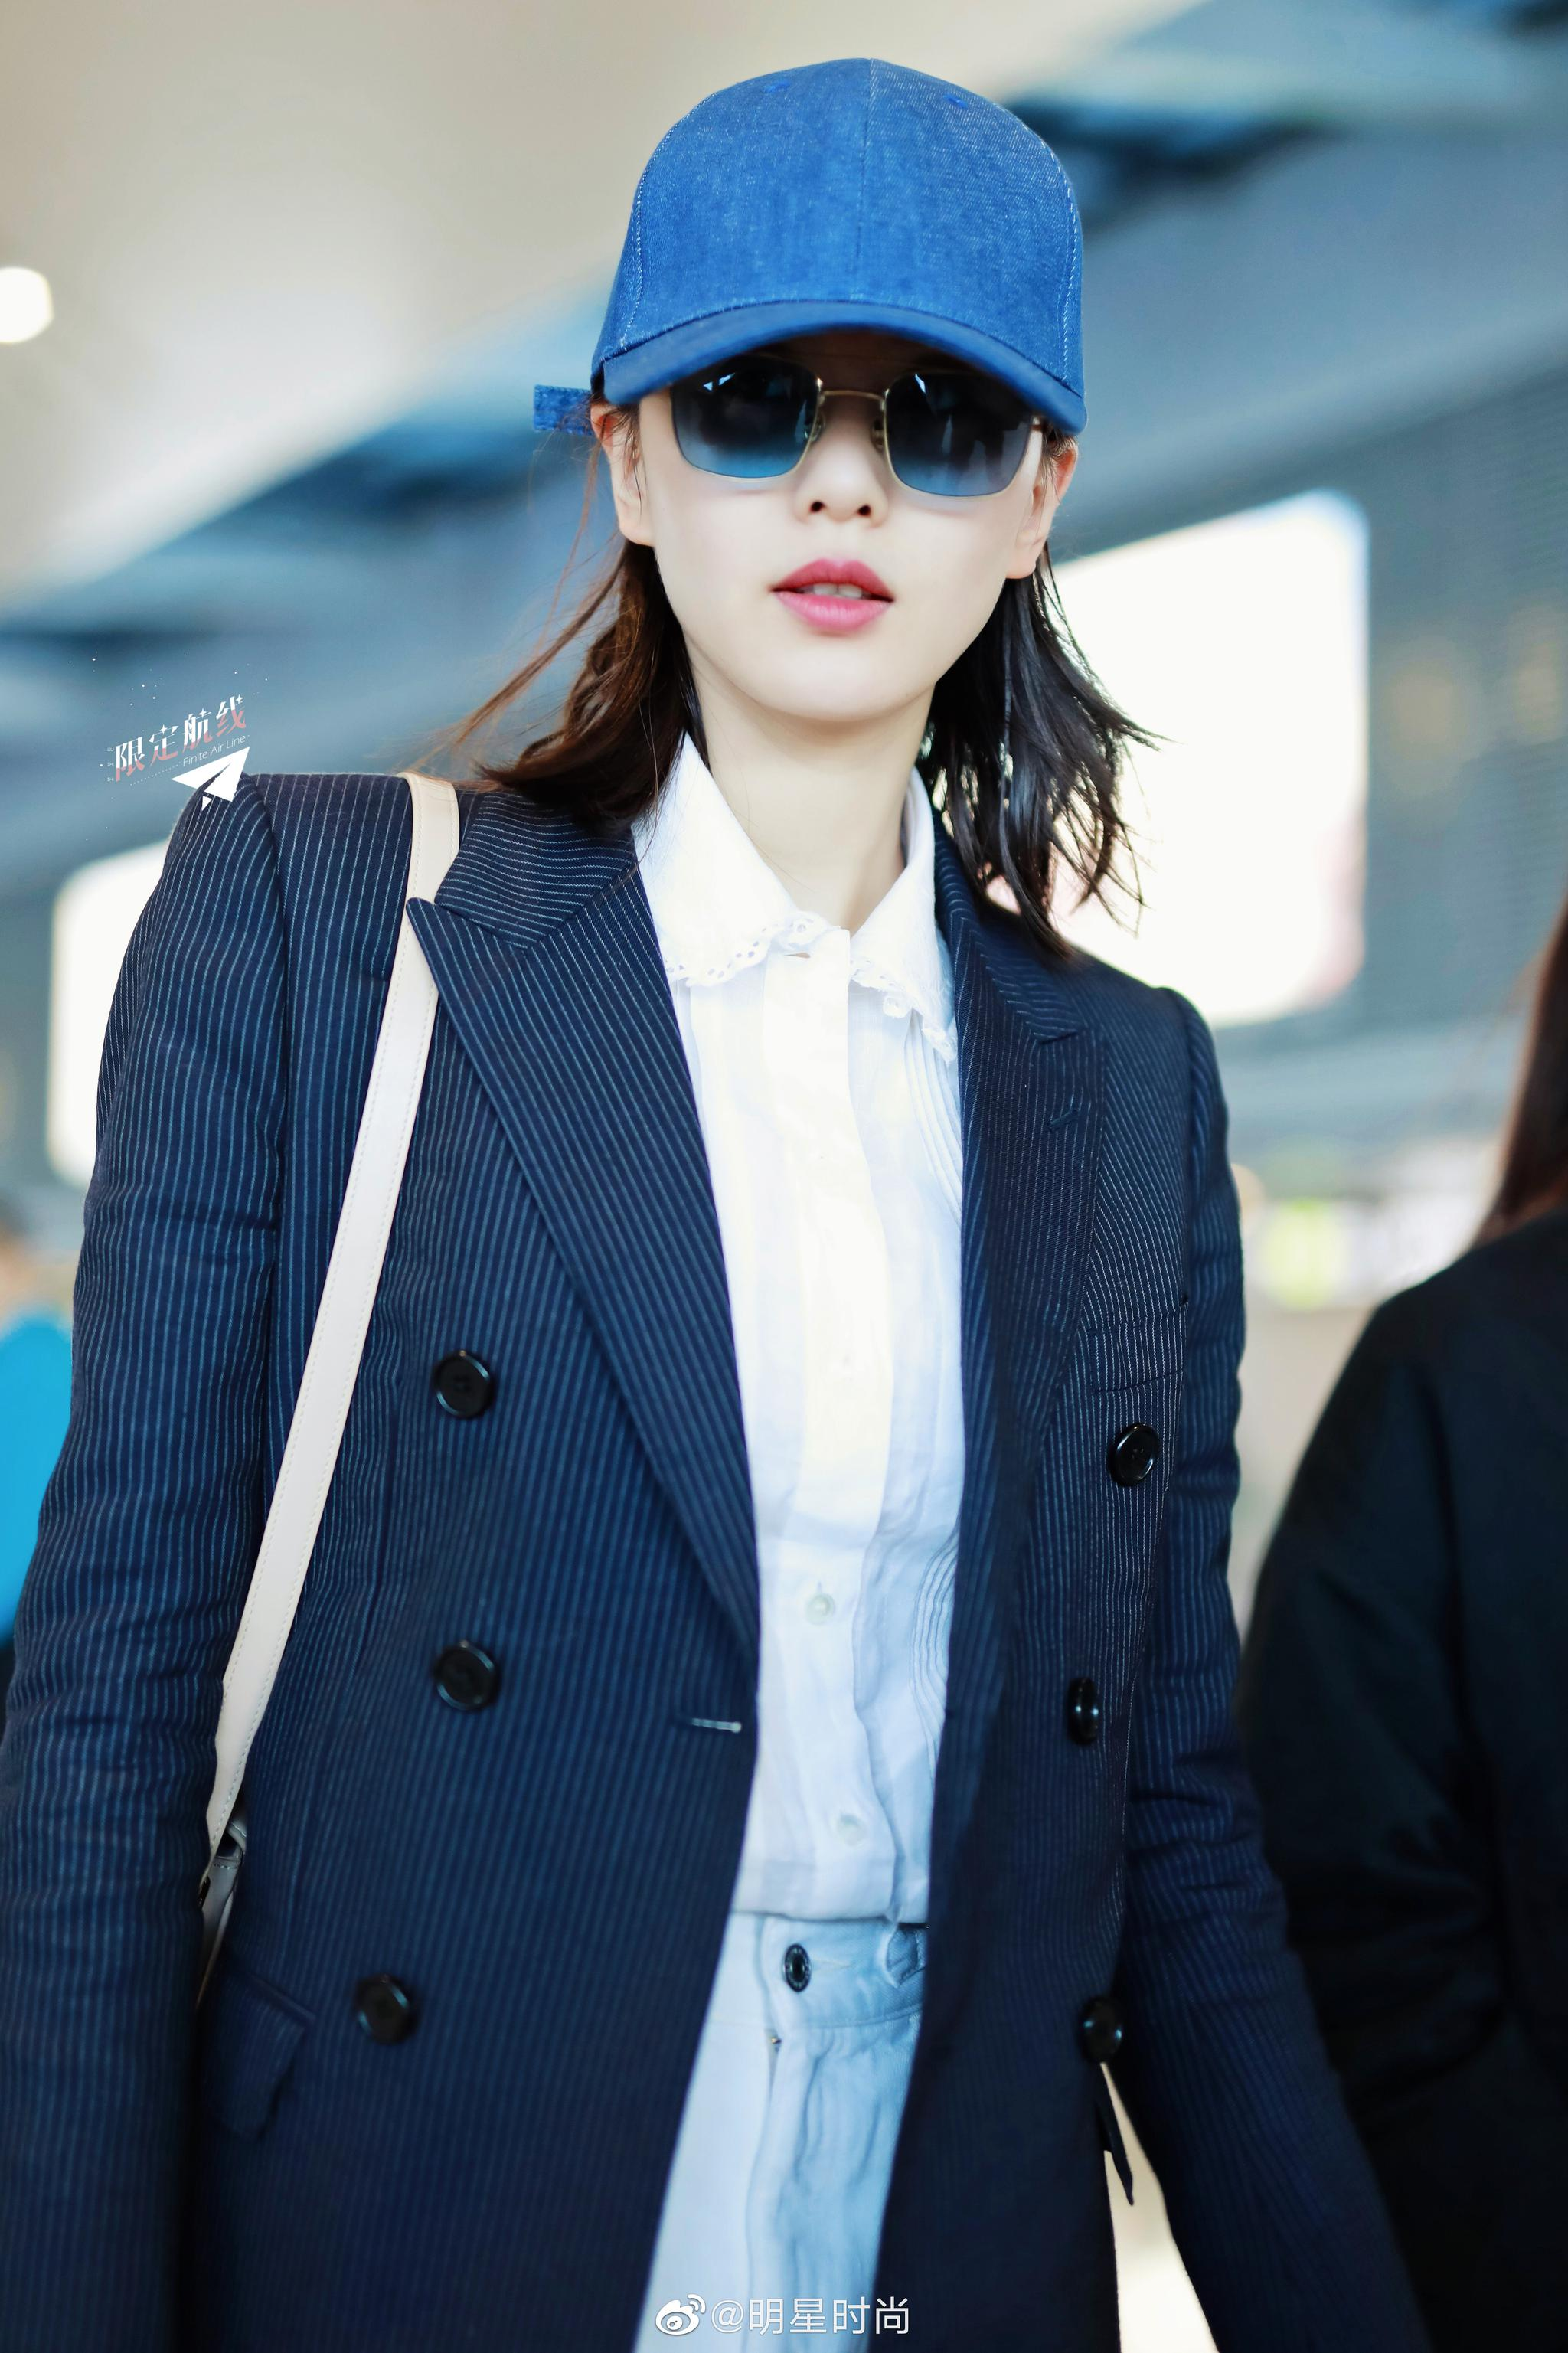 10月8日,刘诗诗现身上海机场,她身穿黑色西服搭配白色阔腿裤